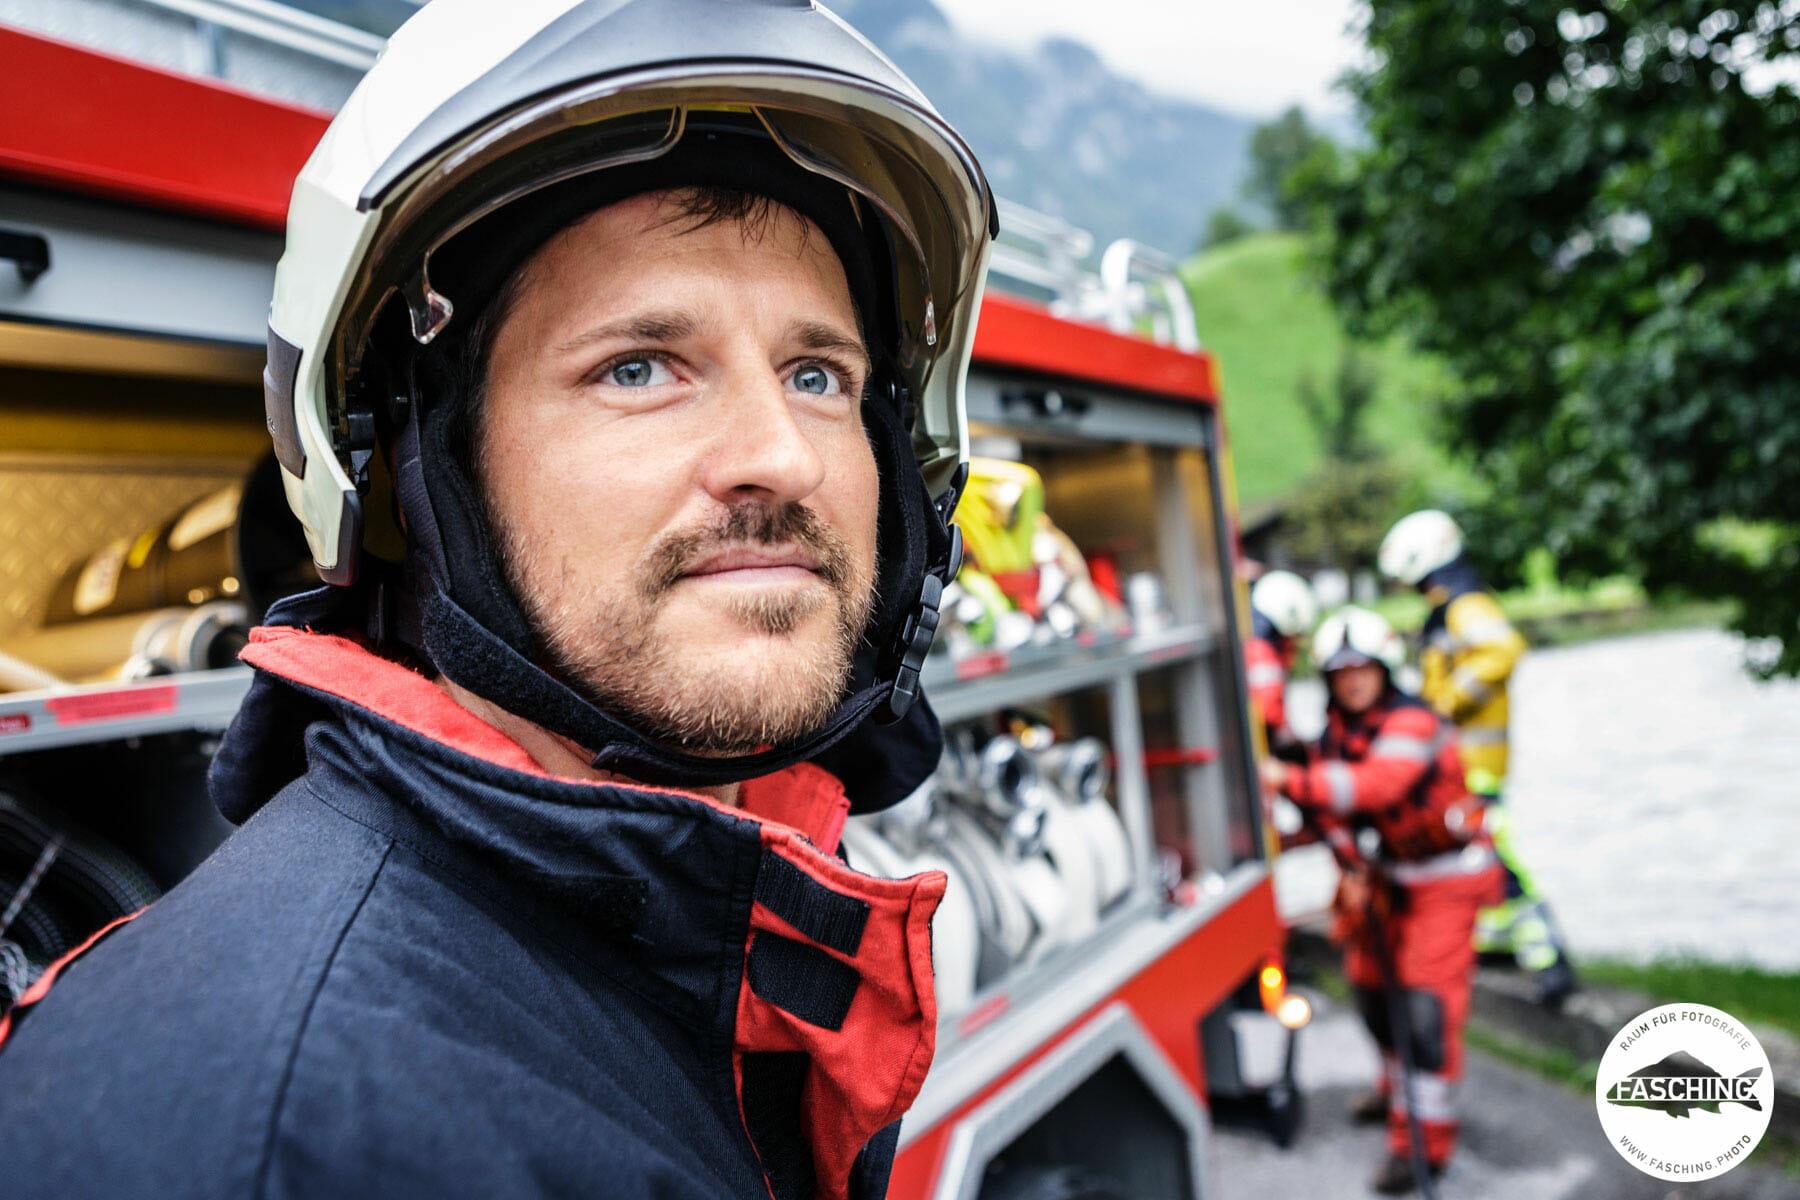 Feuerwehrmann bei der Arbeit, Businessportrait - Geschäftsführerportrait - Menschenbilder bei der Arbeit von Studio Fasching, Bregenz, Austria